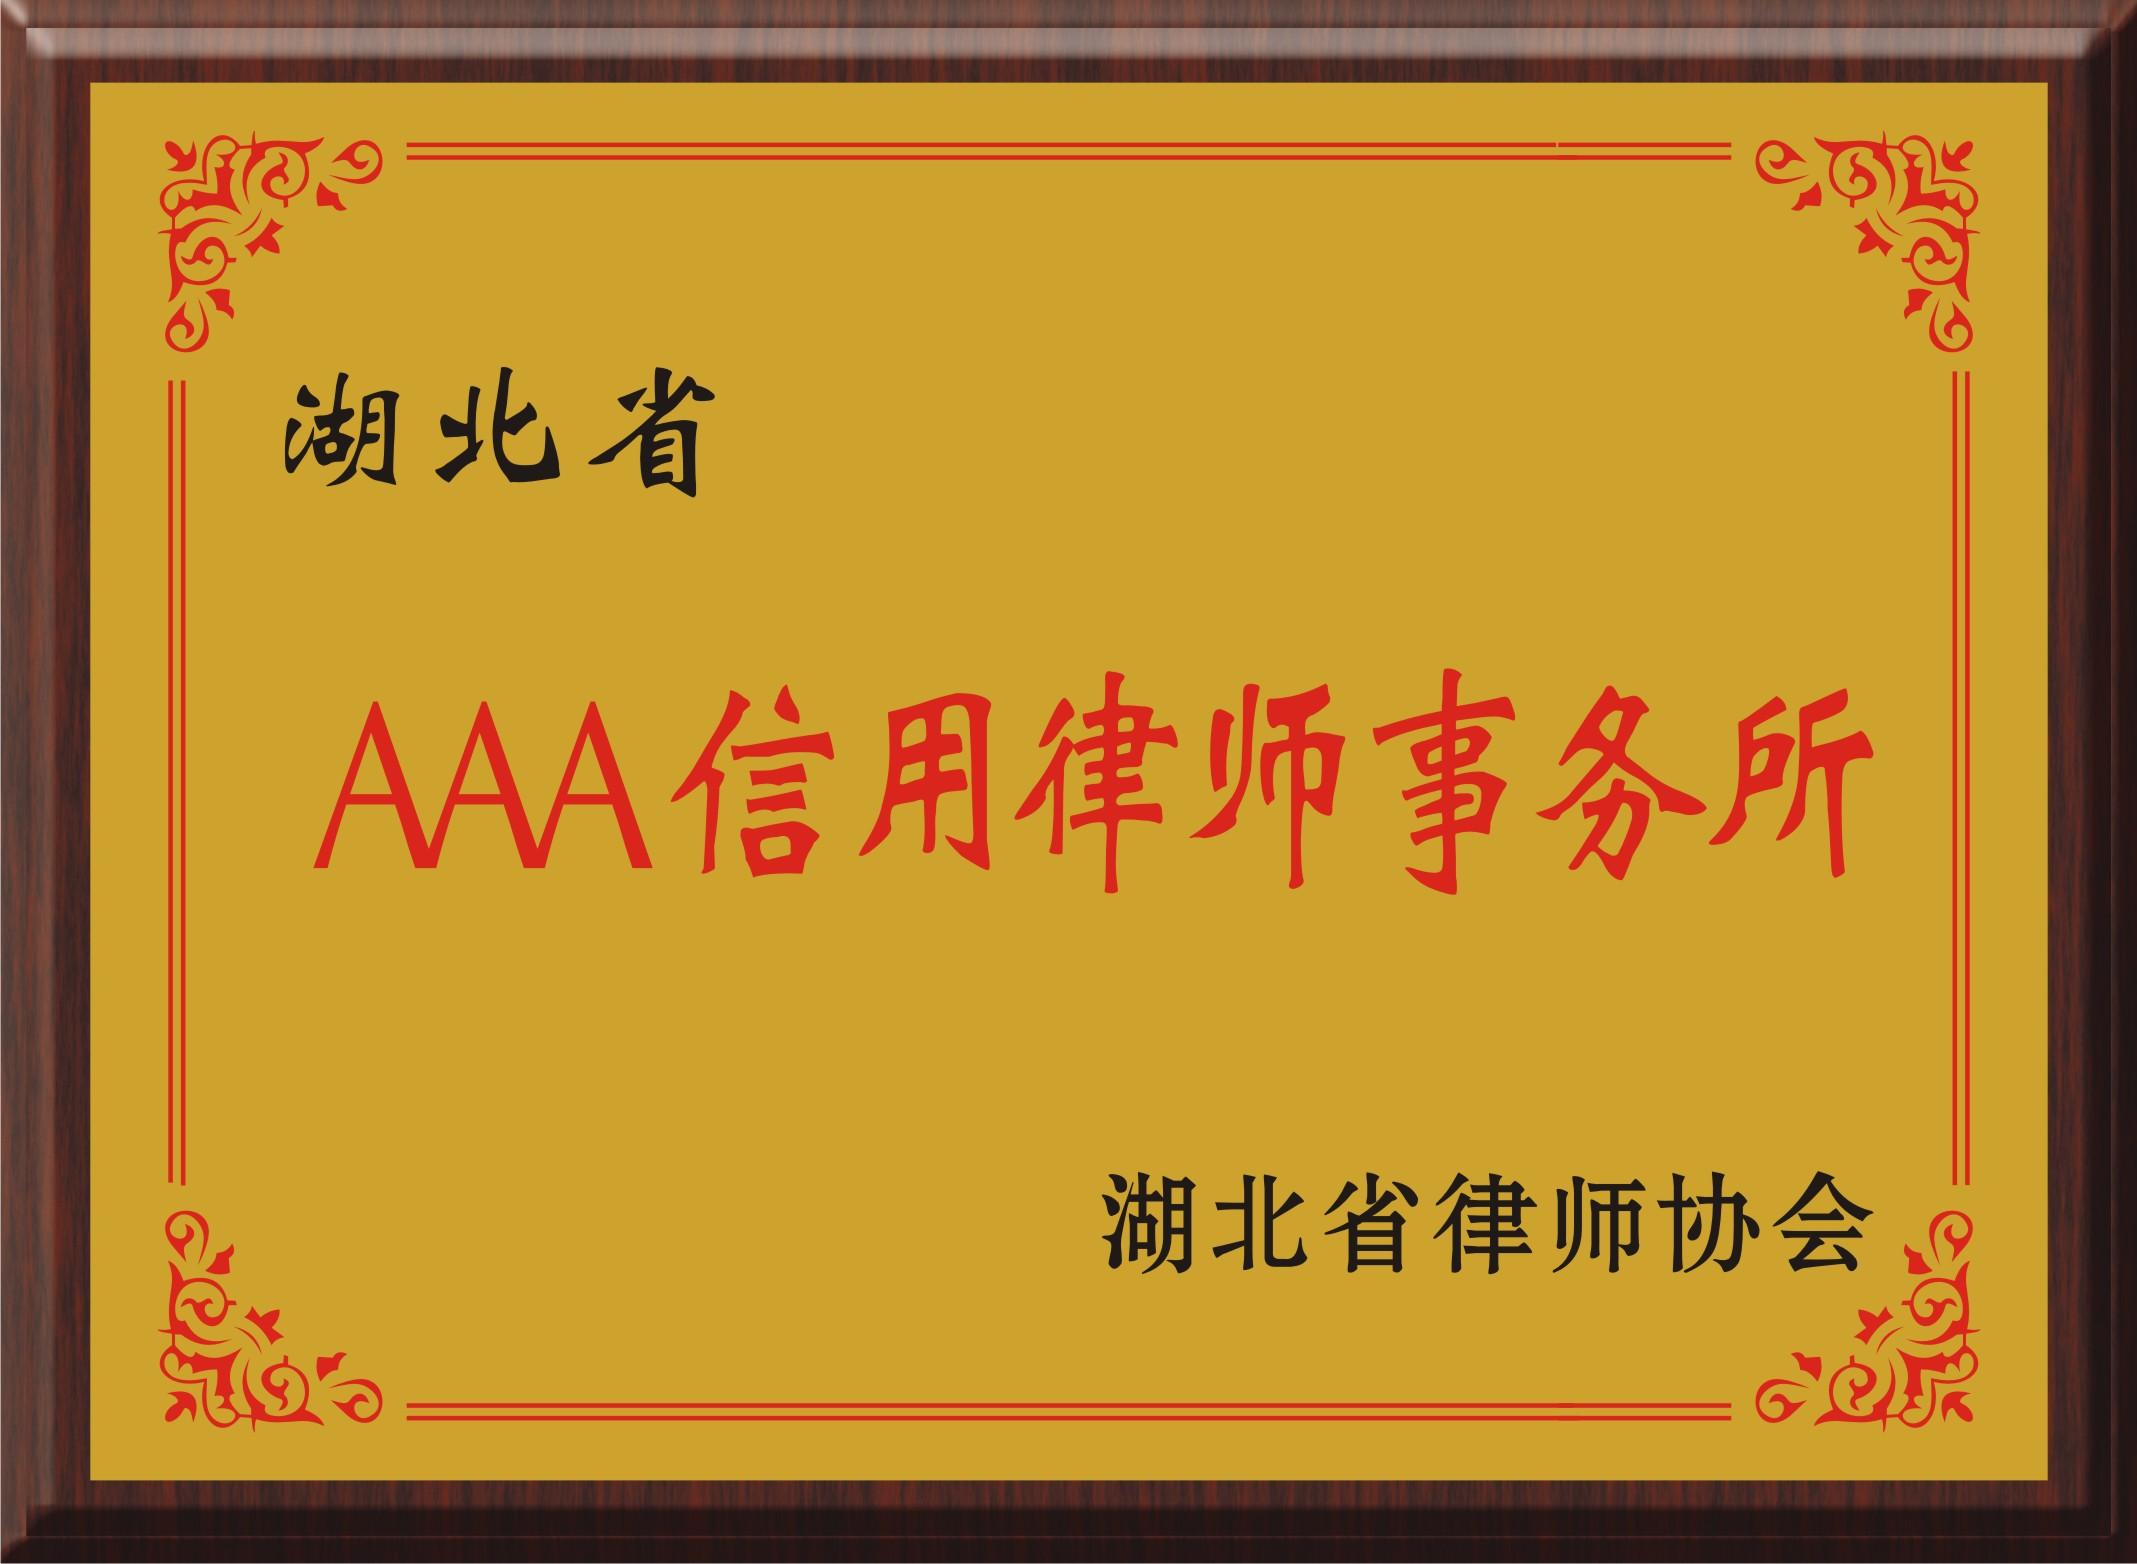 湖北省AAA级信用必威体育中文版事务所